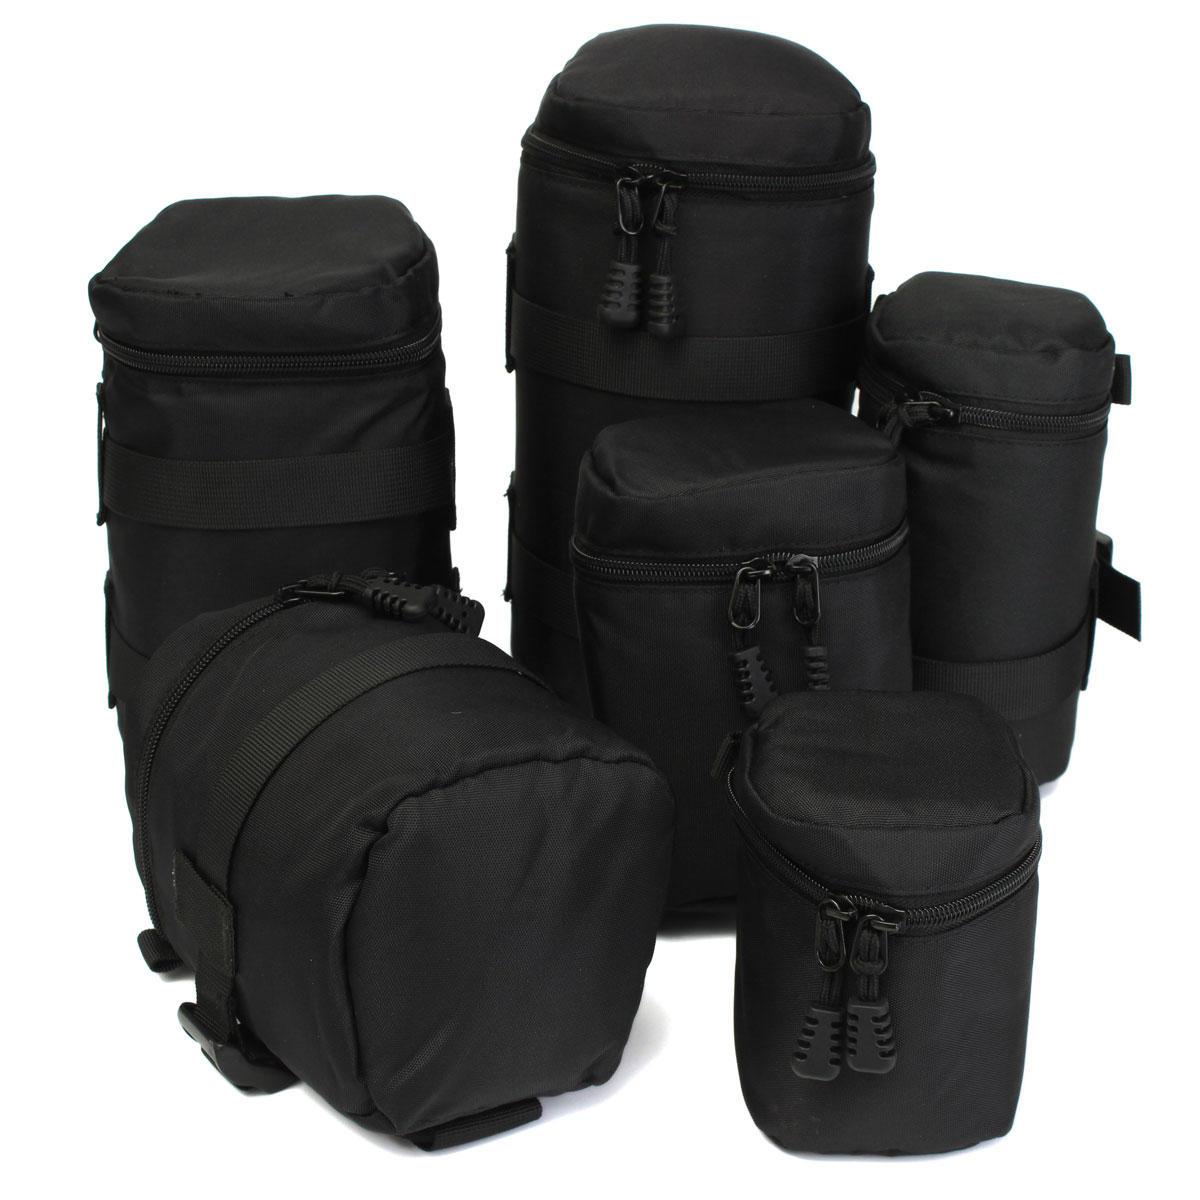 防水保護カメラレンズバッグケースカバーポーチプロテクター